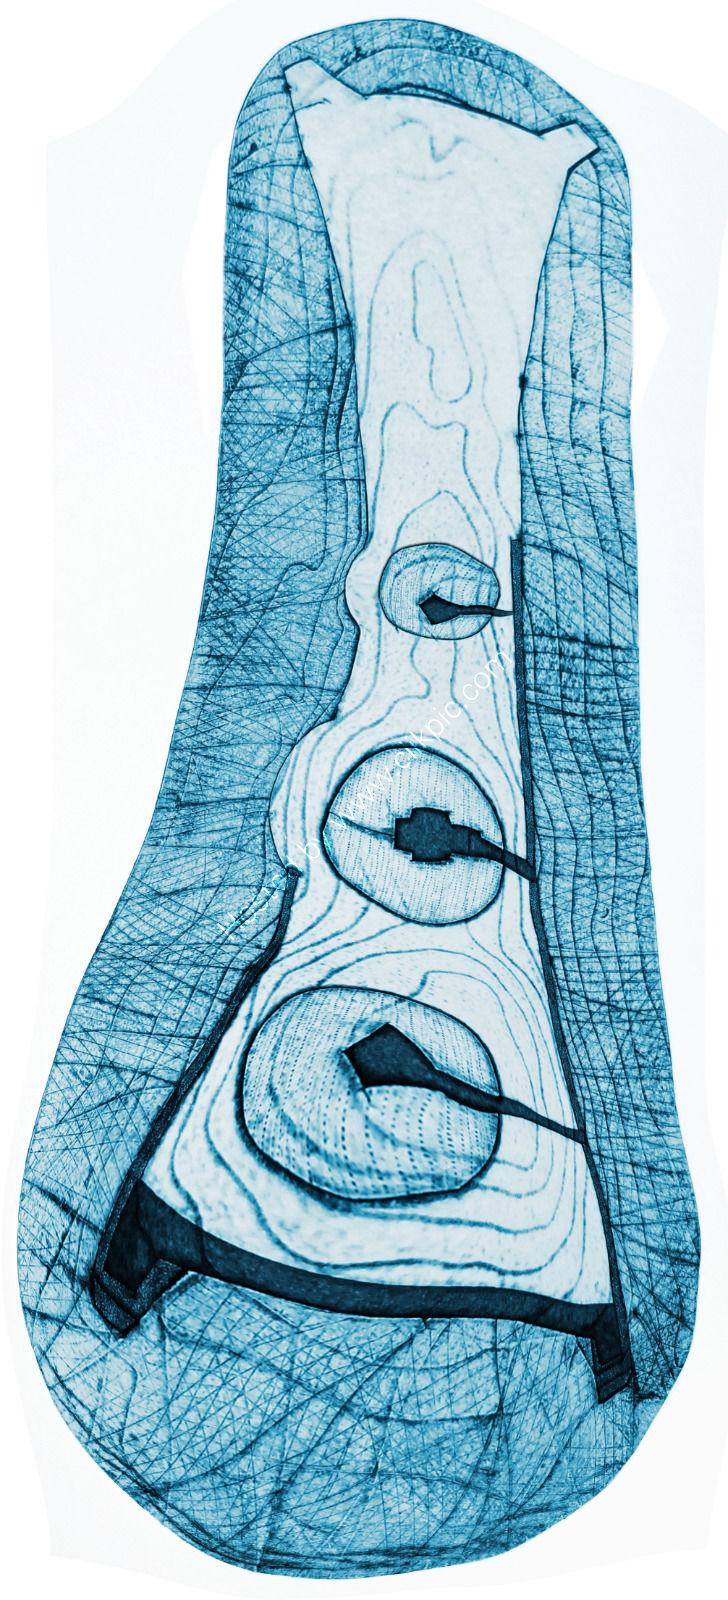 Horned cairn